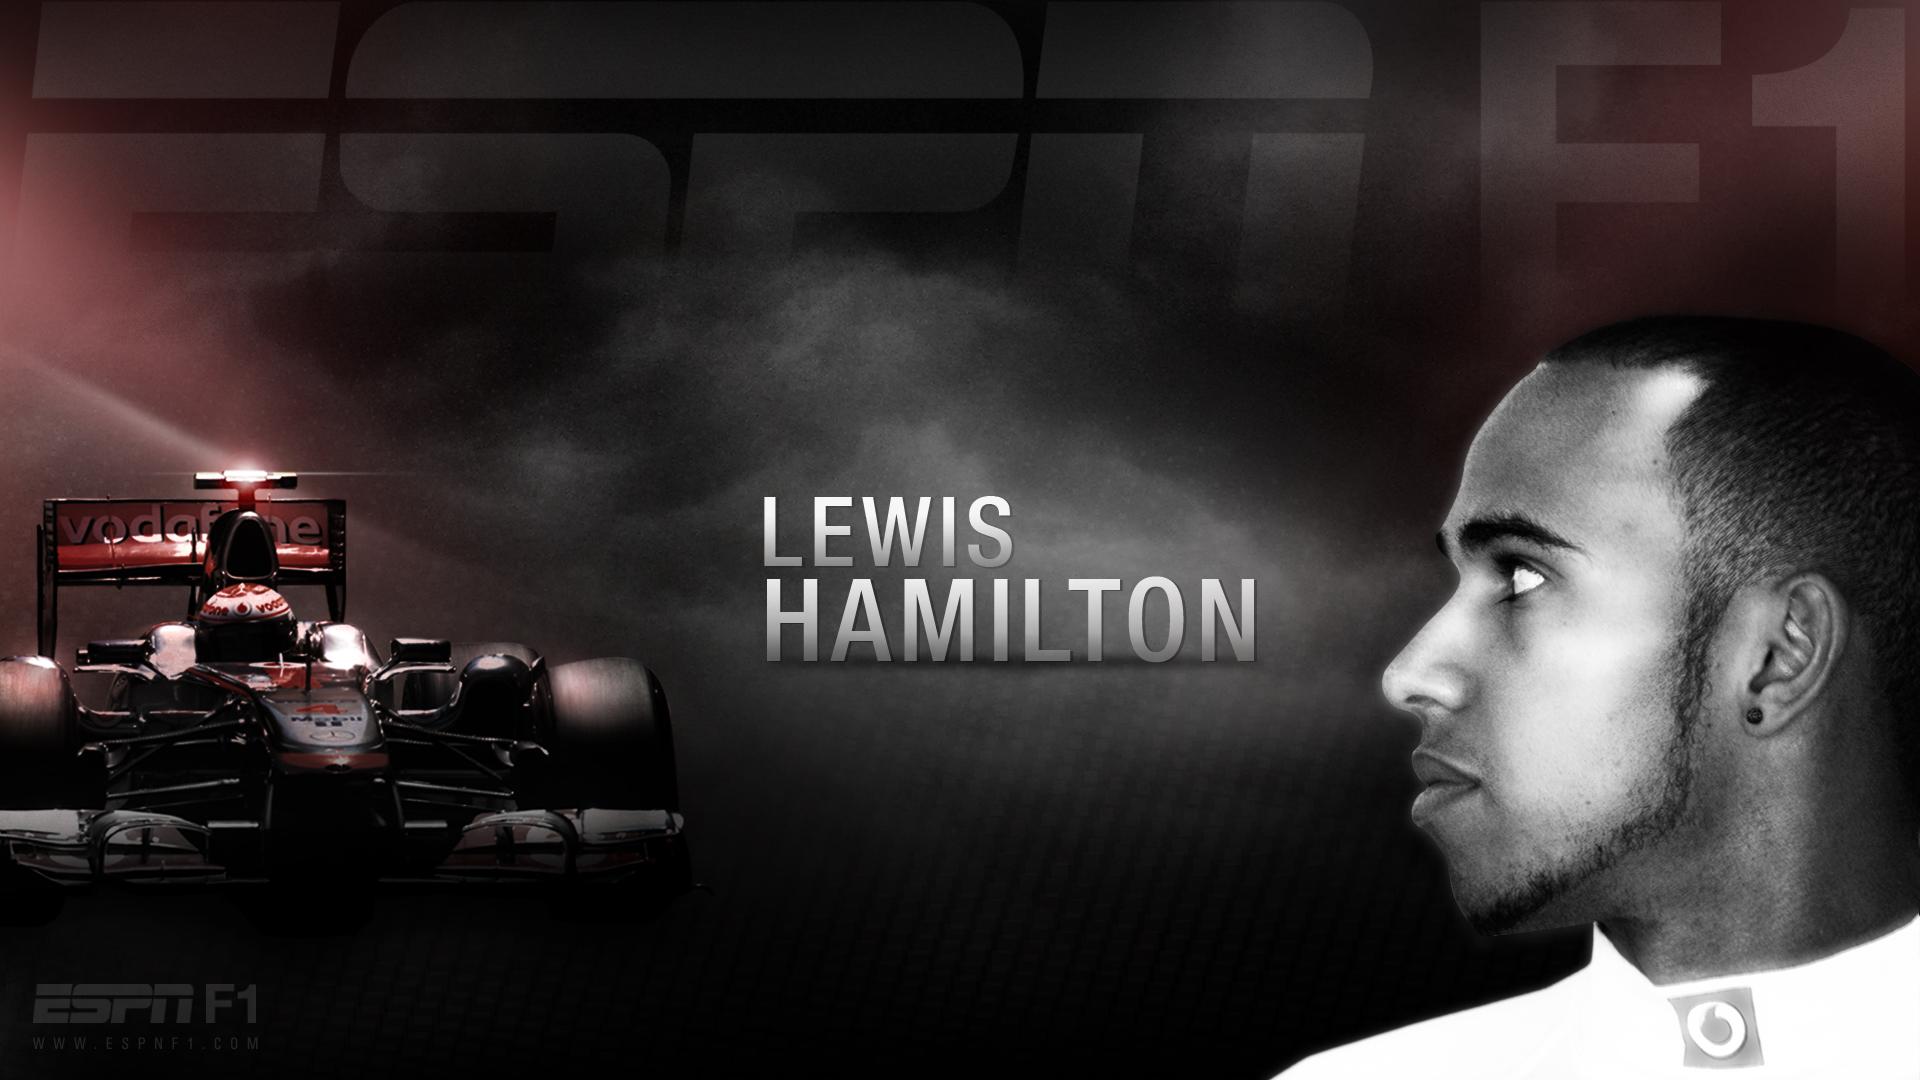 Lewis Hamilton 2011